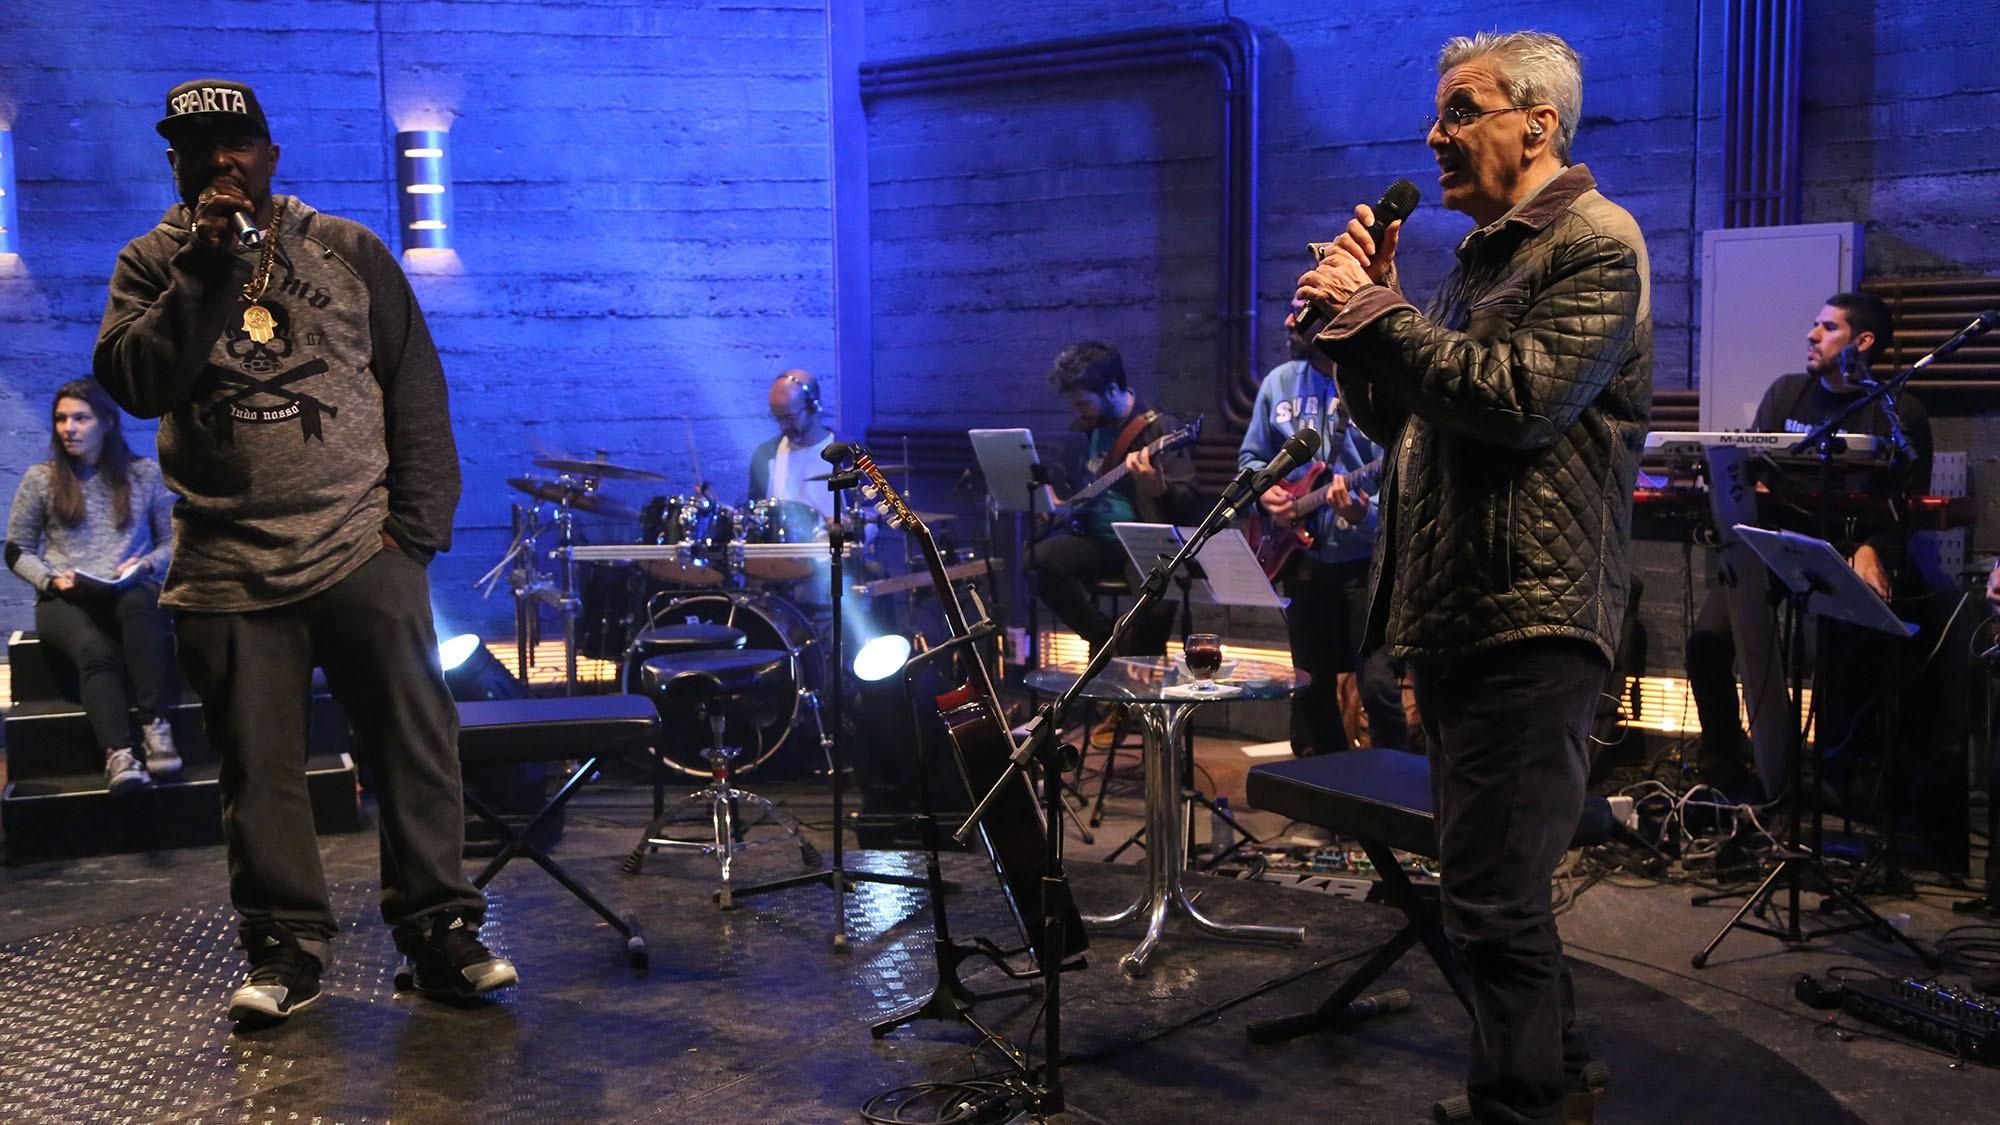 Caetano Veloso  o primeiro convidado de Mr Catra em seu novo programa no Multishow (Foto: Multishow)